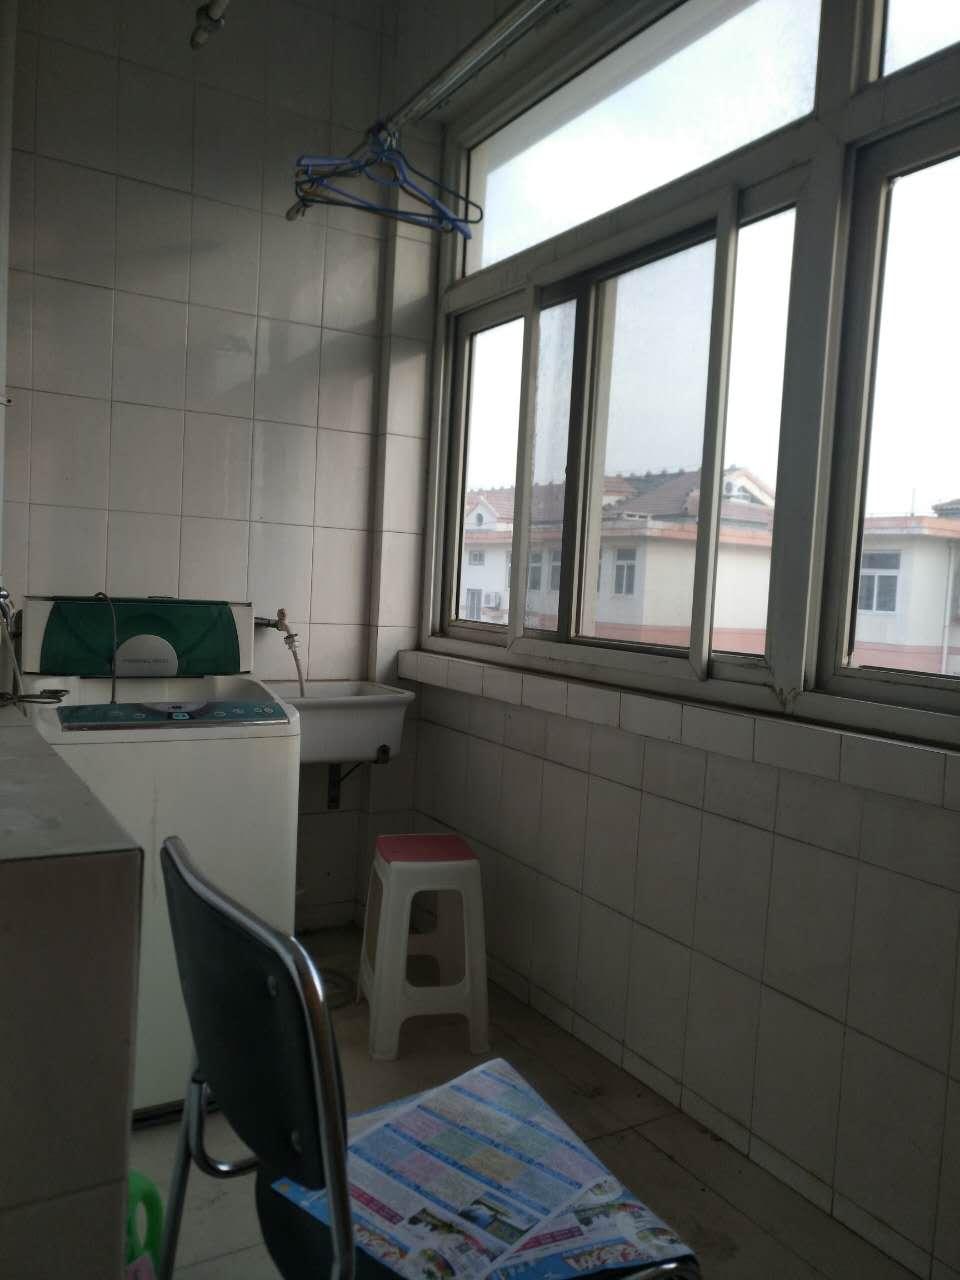 青龙潭小区 2室2厅 双证齐全过五年 简装 78万房型图